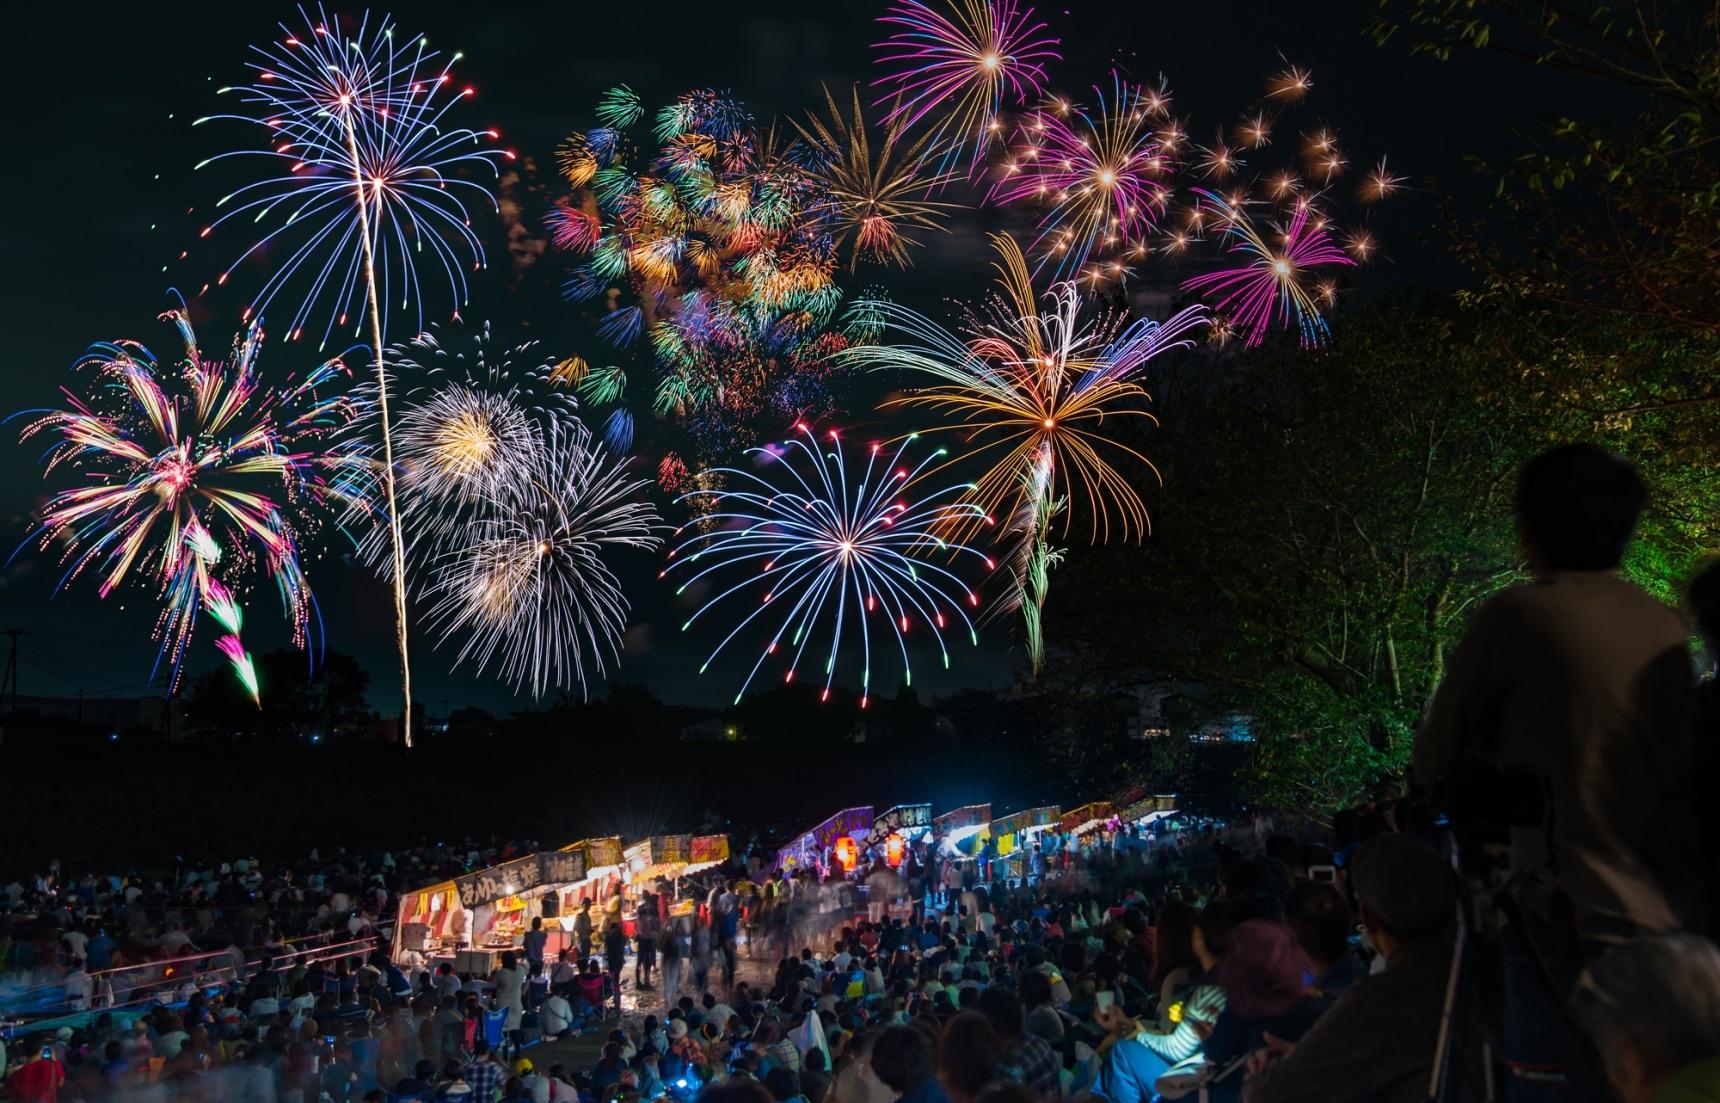 【日本自由行】歷史悠久的日本三大花火大會與觀賞須知